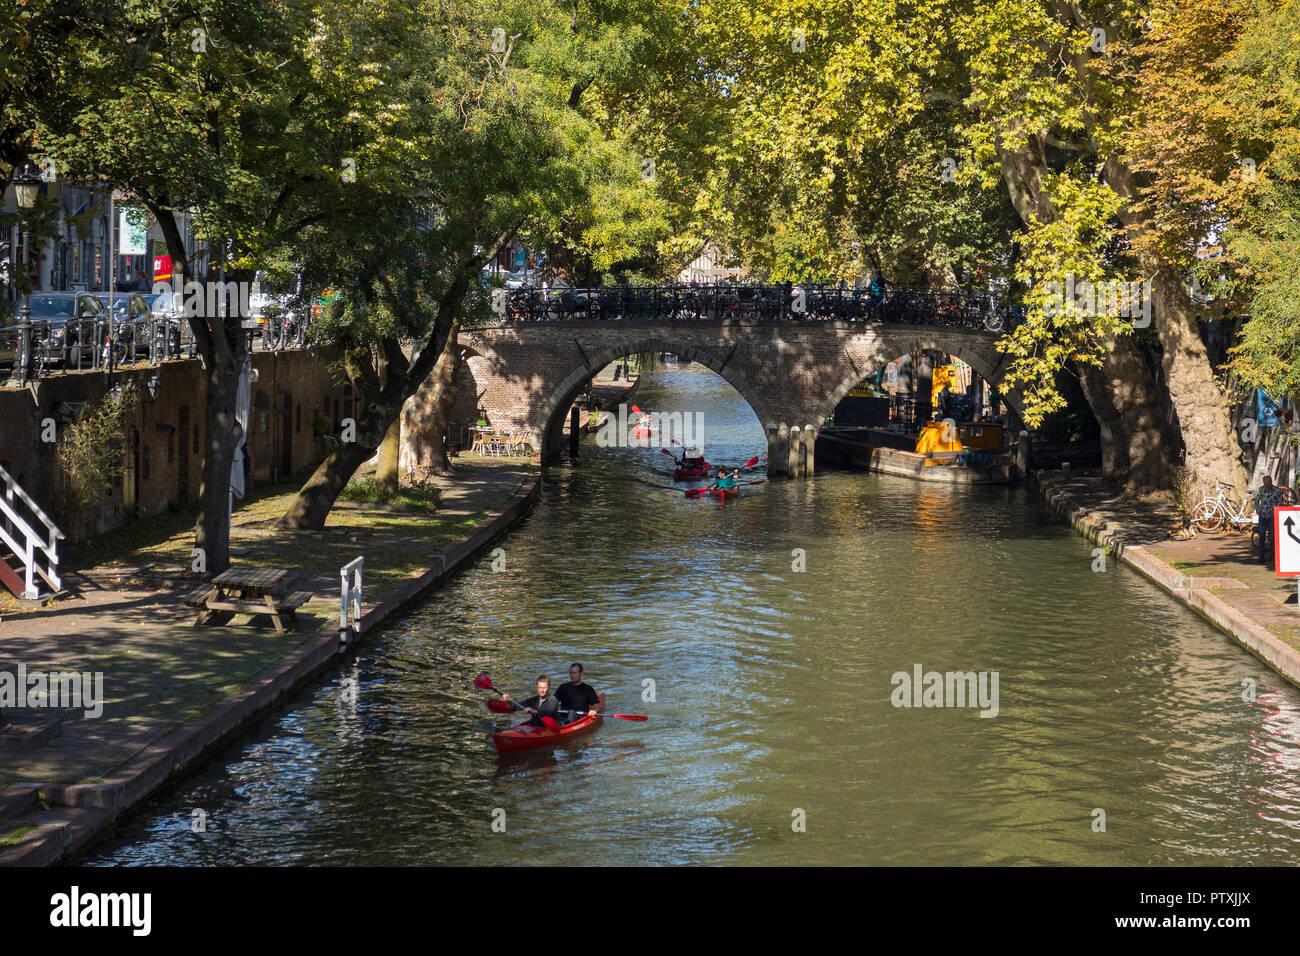 Utrecht, Países Bajos - Septiembre 27, 2018: Canotaje en el canal, en el centro histórico de Utrecht en otoño Imagen De Stock